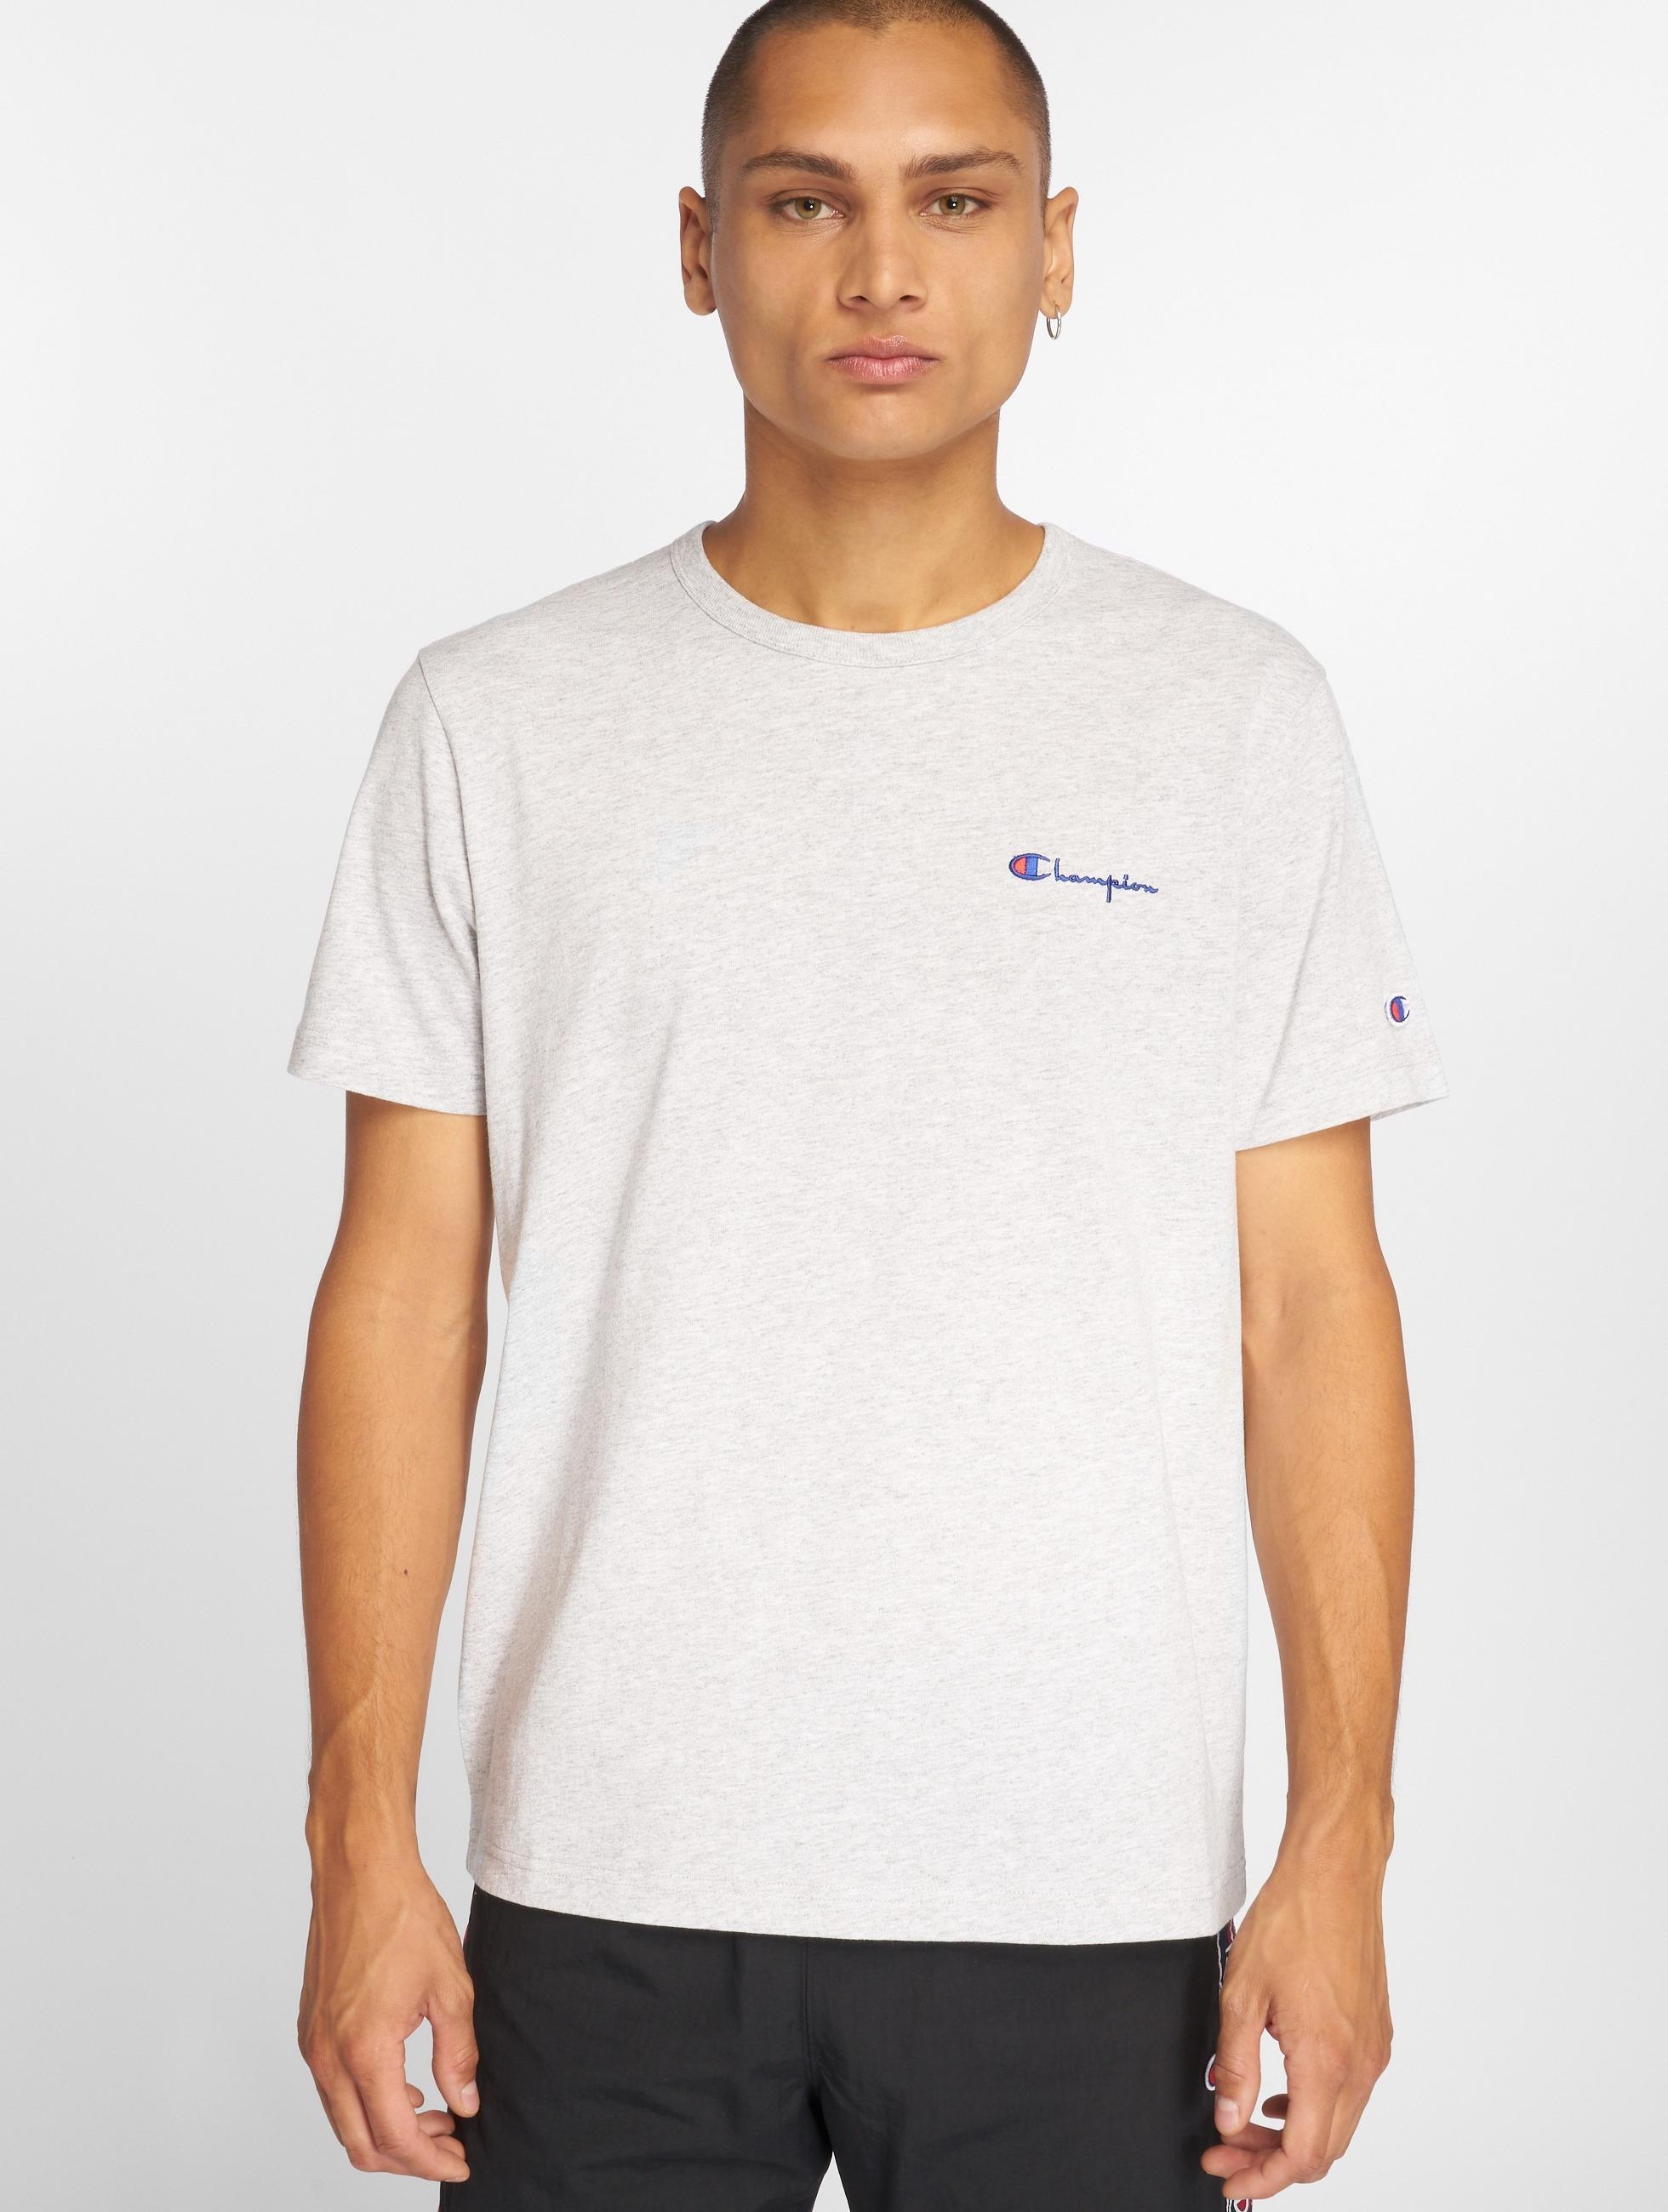 T Homme Classic Hauts shirt Champion fnS4zWxz